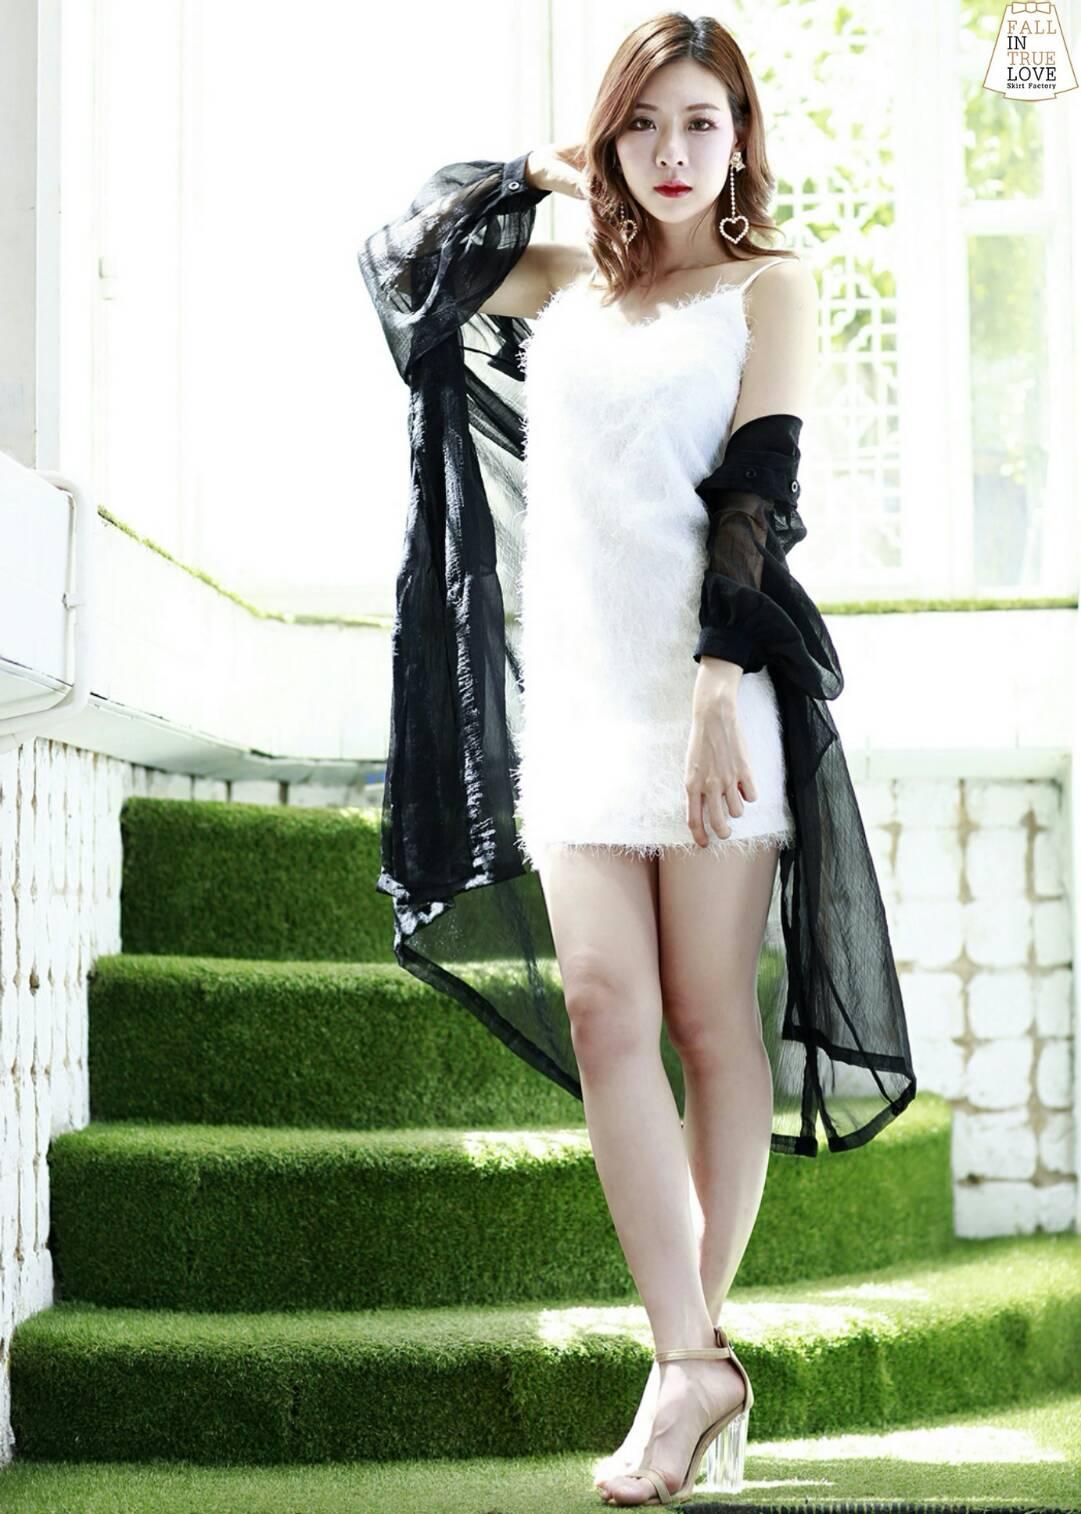 มินิเดรสสายเดี่ยวทรงคอวี ตัดเย็บจากผ้าเกาหลีทอขน การันตีผ้าดีทรงสวย เซ็กซี่ดูแพง